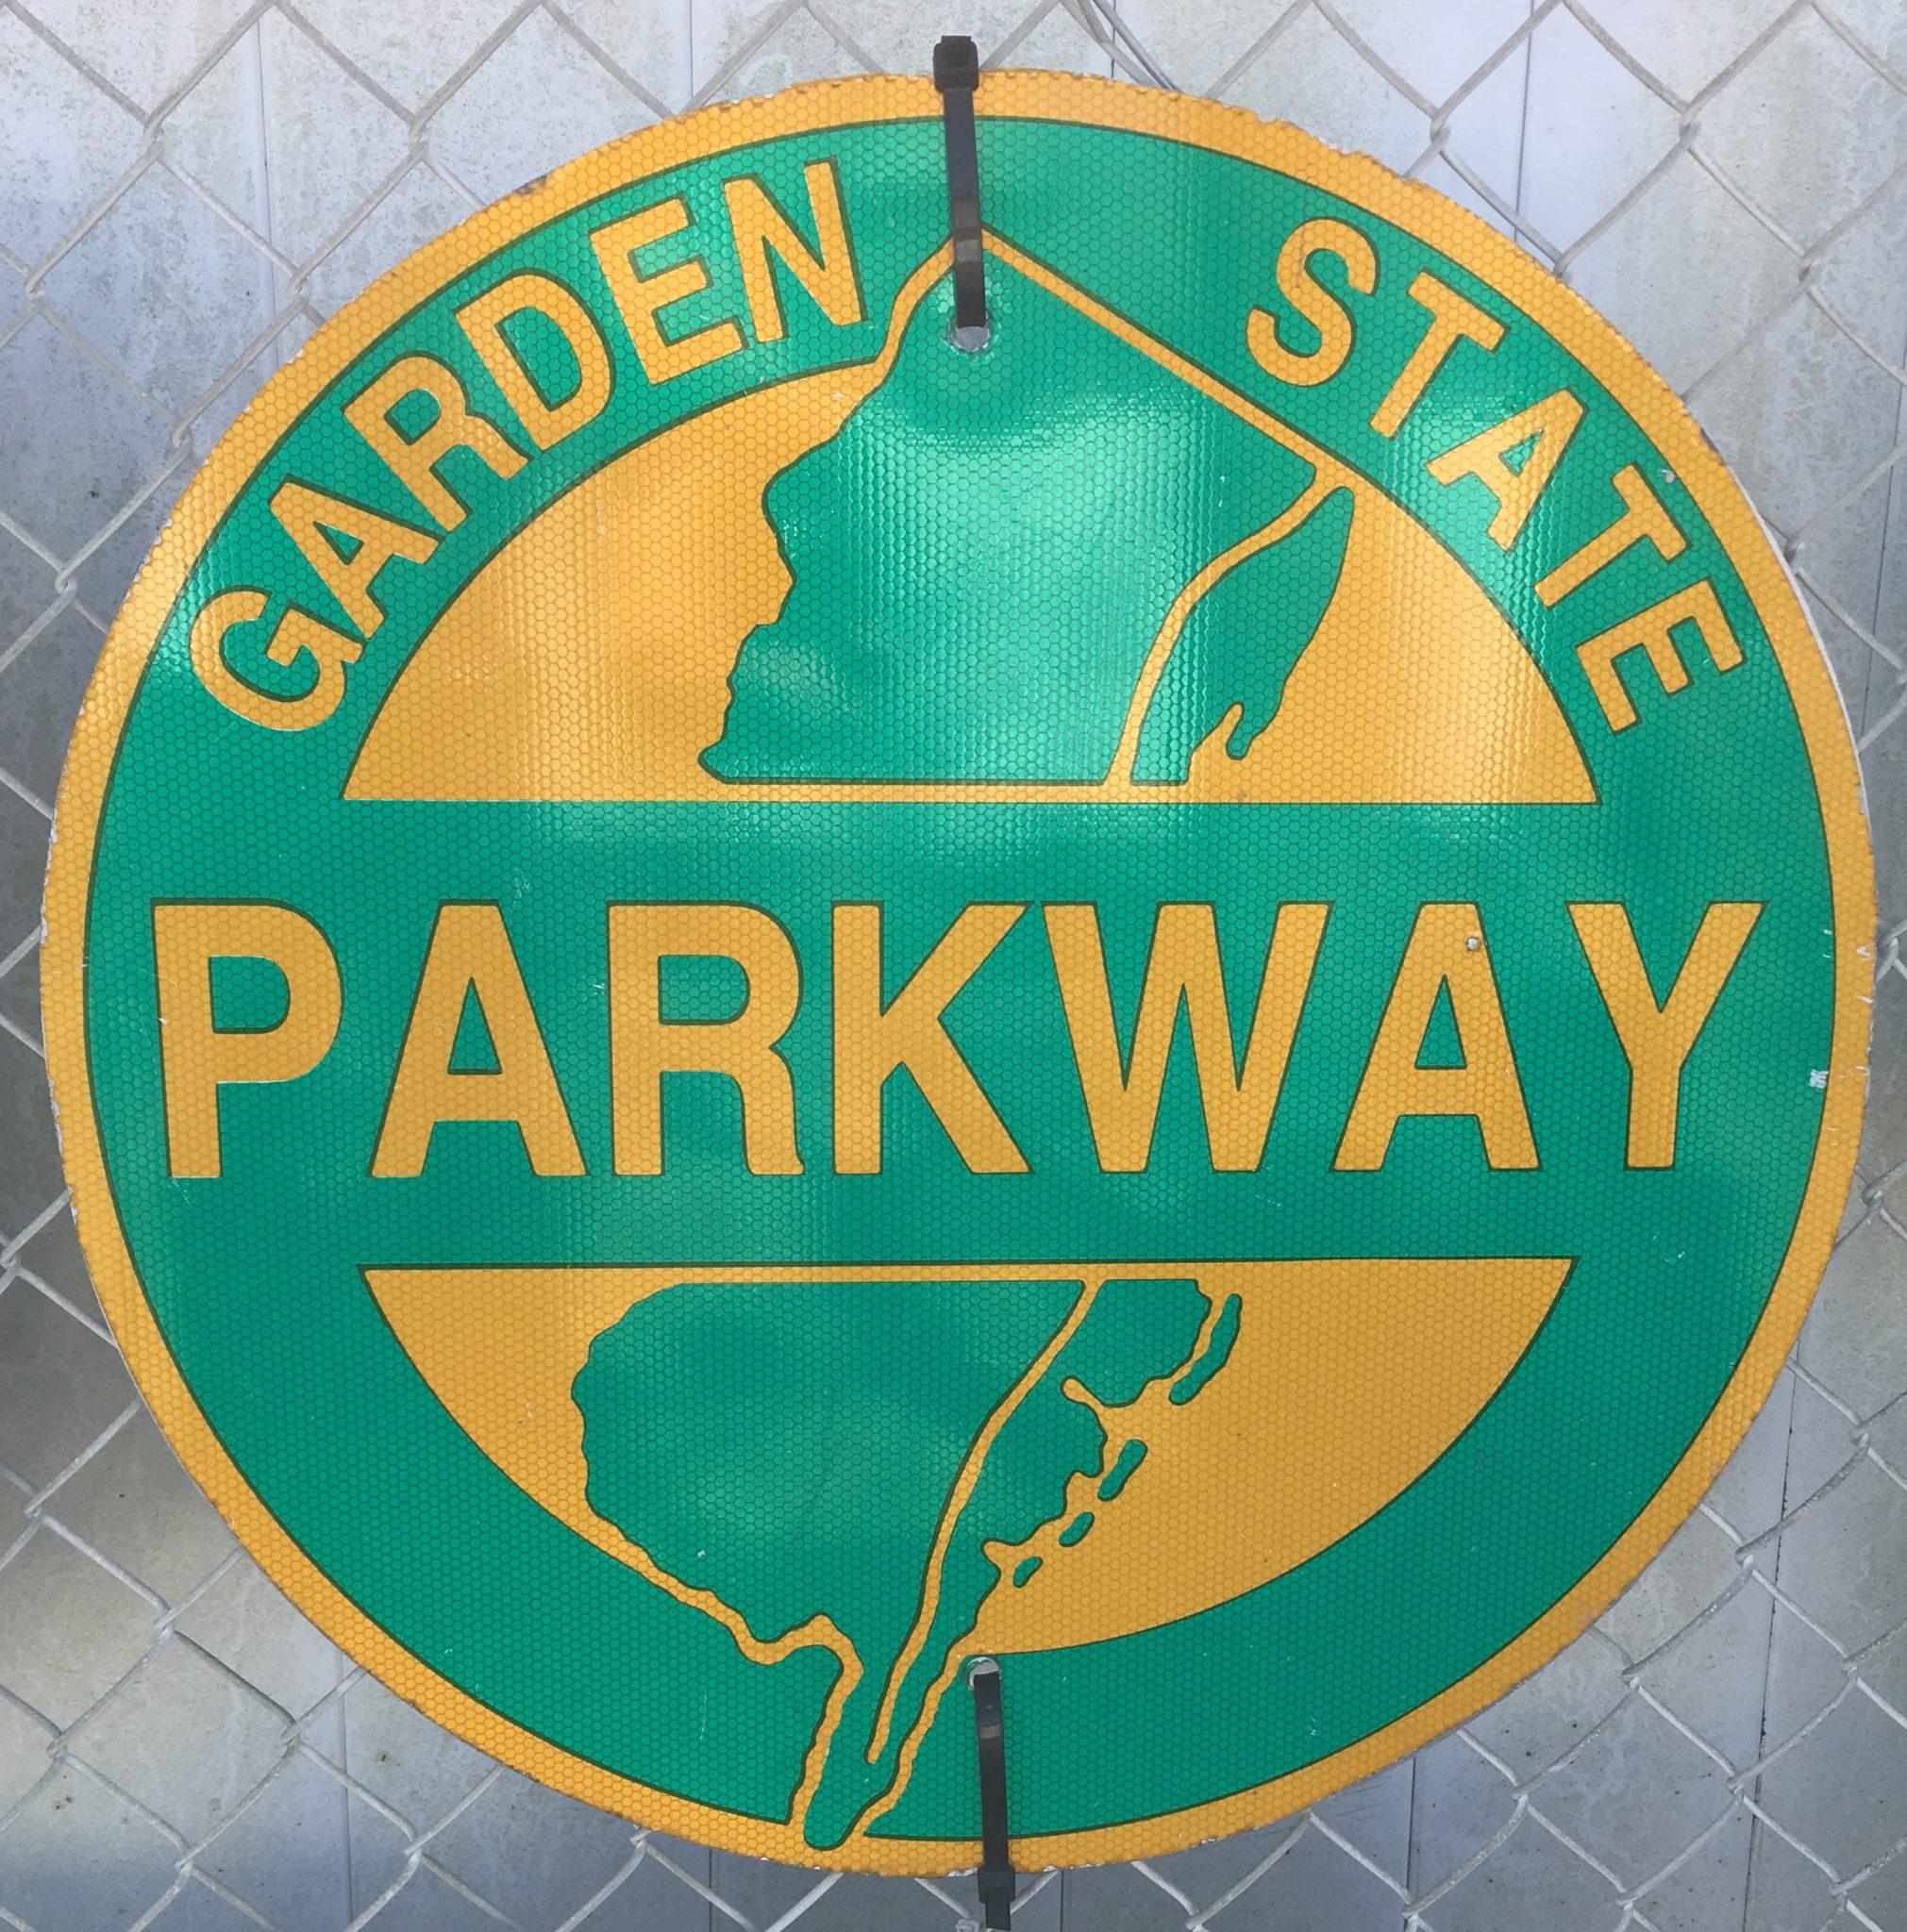 Garden State Parkway